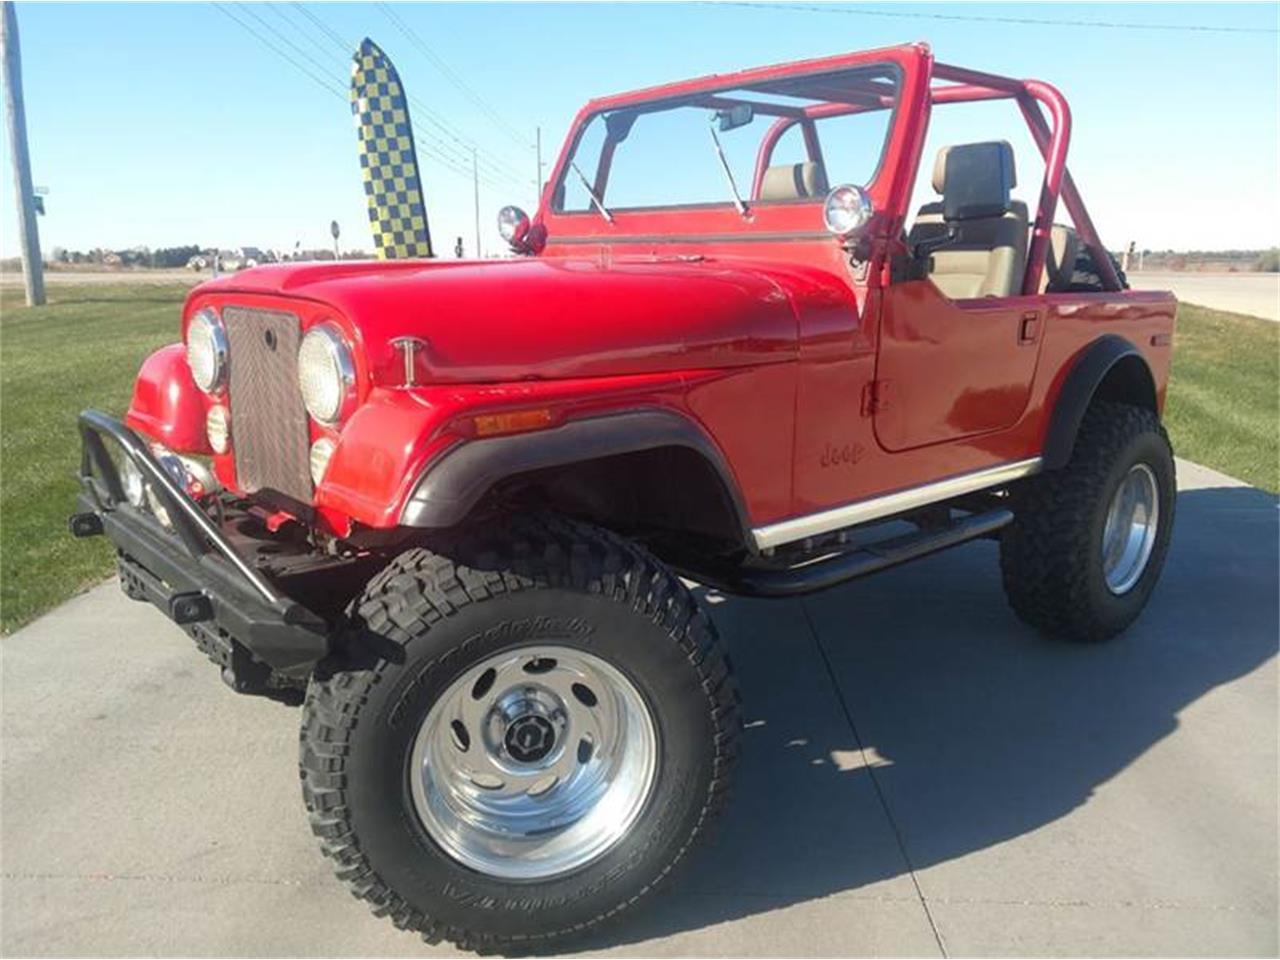 for sale 1980 jeep cj7 in west okoboji, iowa cars - milford, ia at geebo